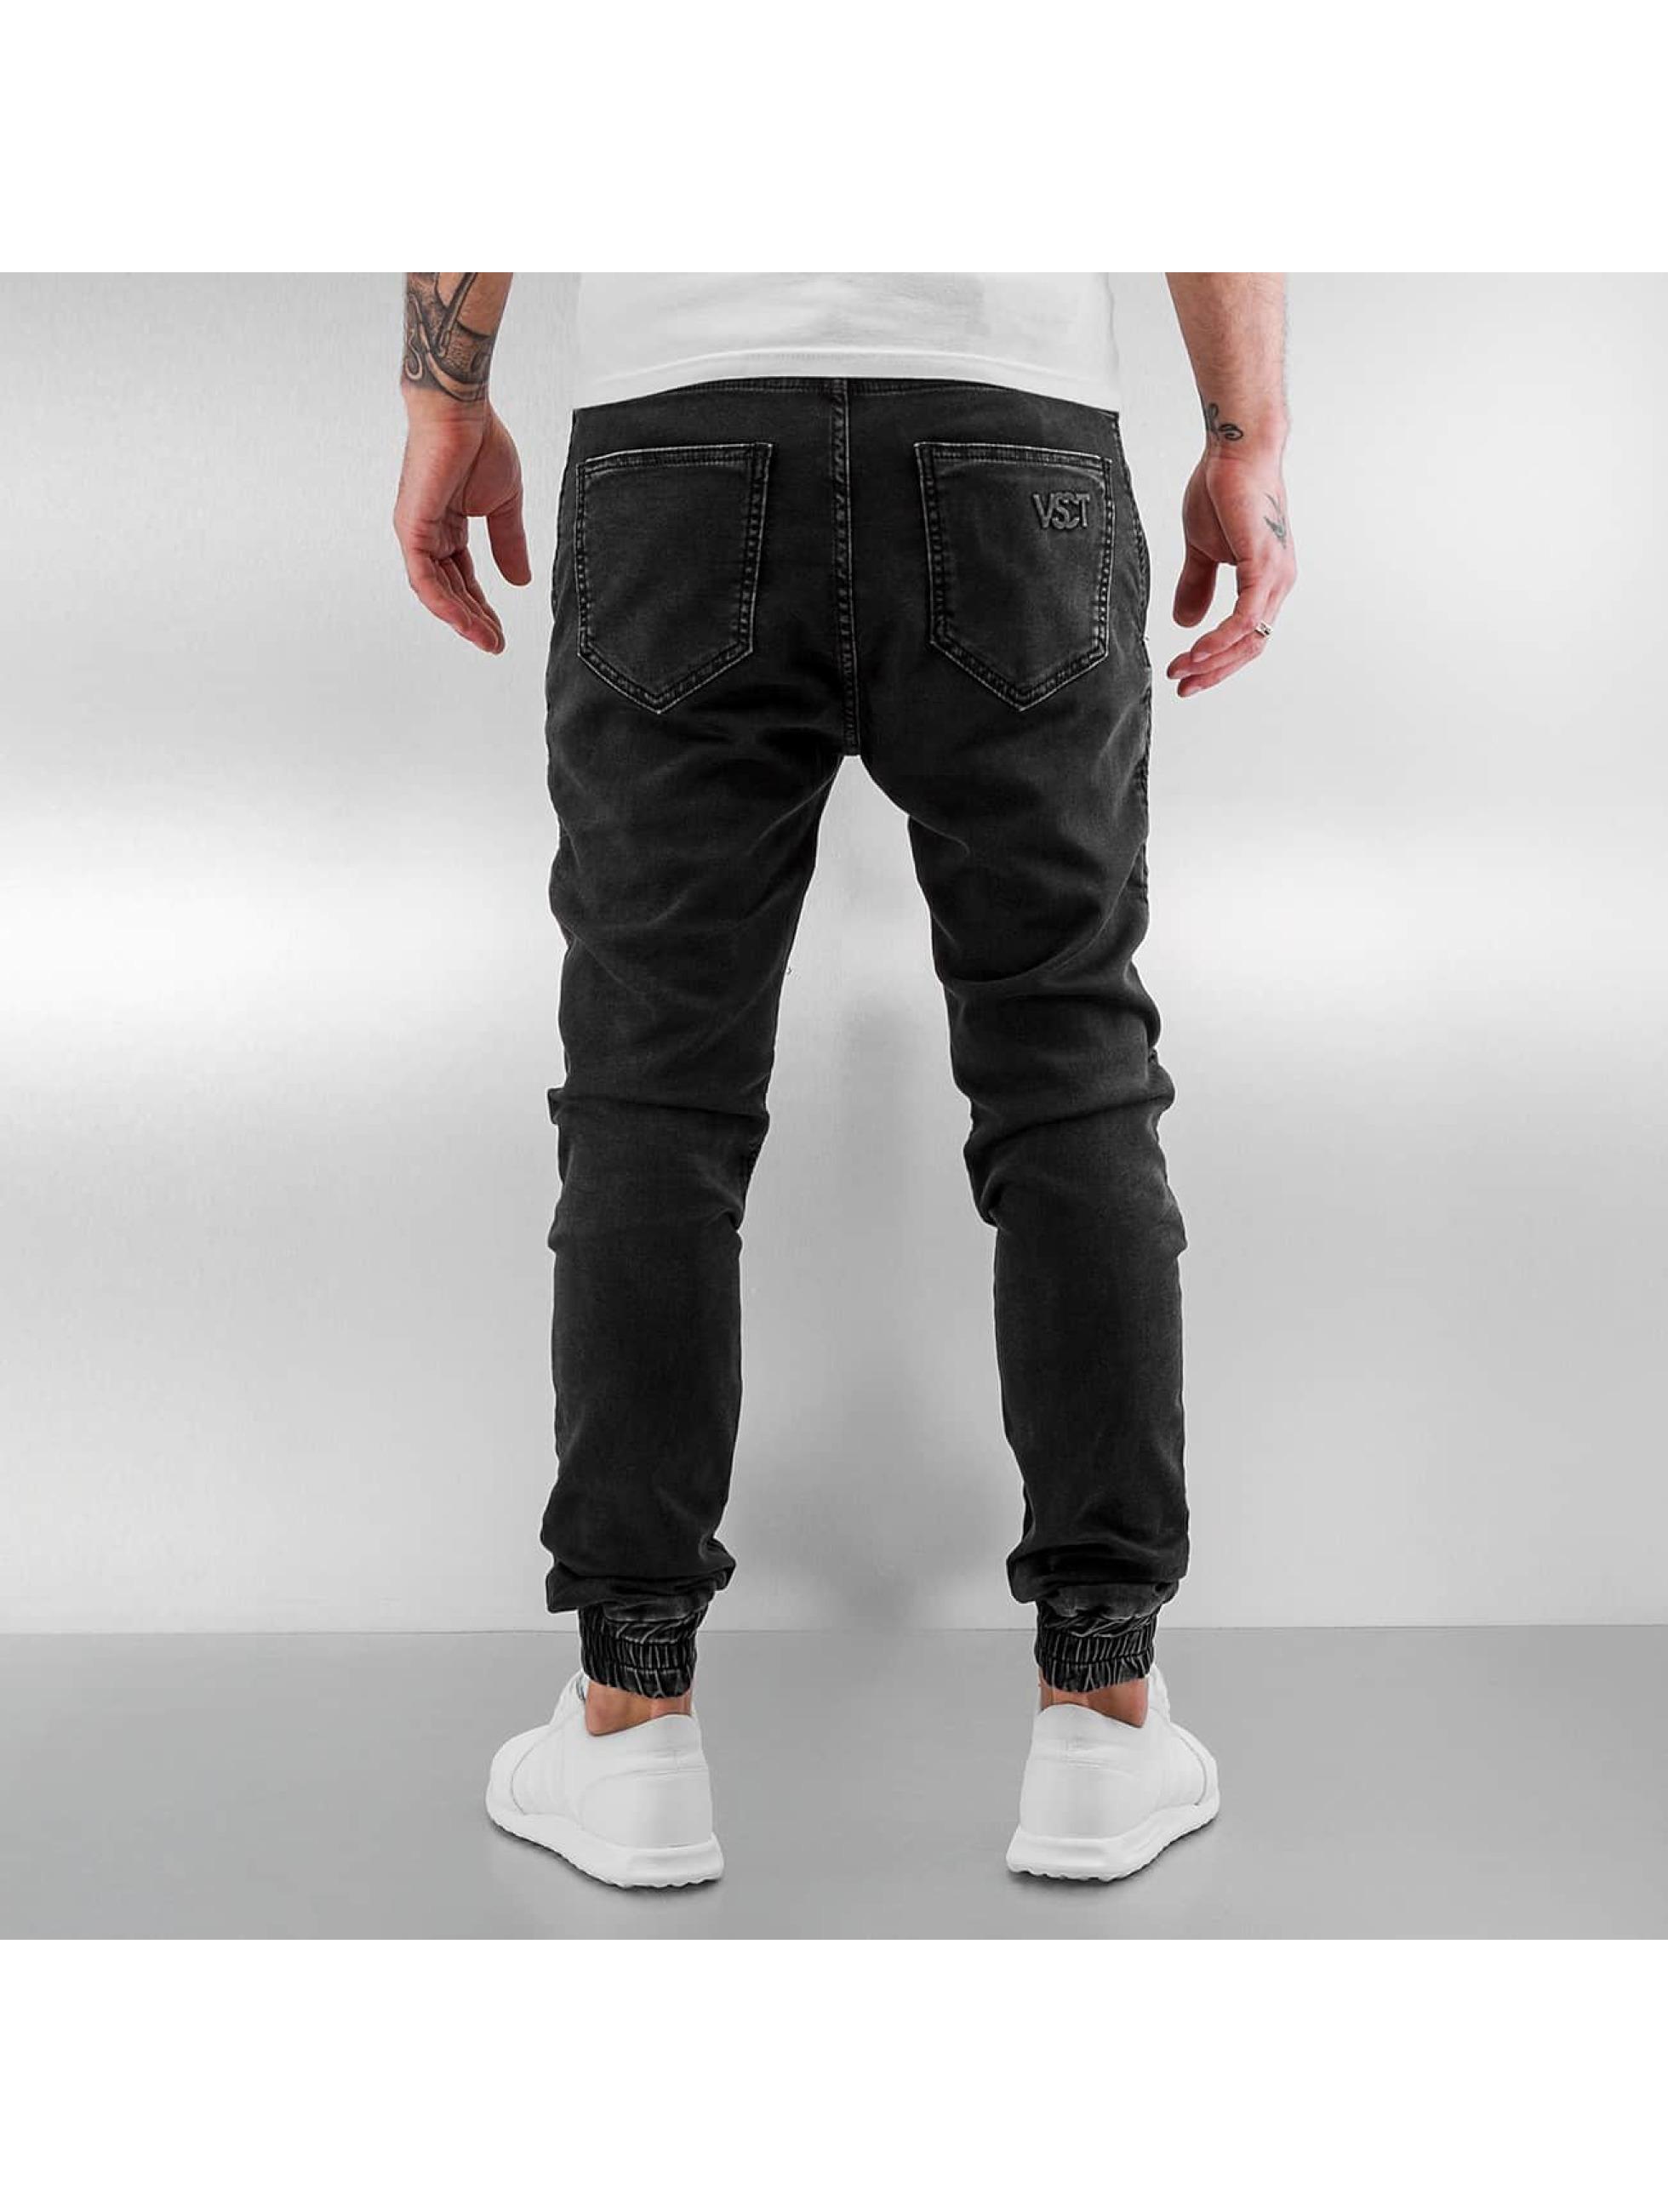 VSCT Clubwear Skinny Jeans Neo Cuffed schwarz